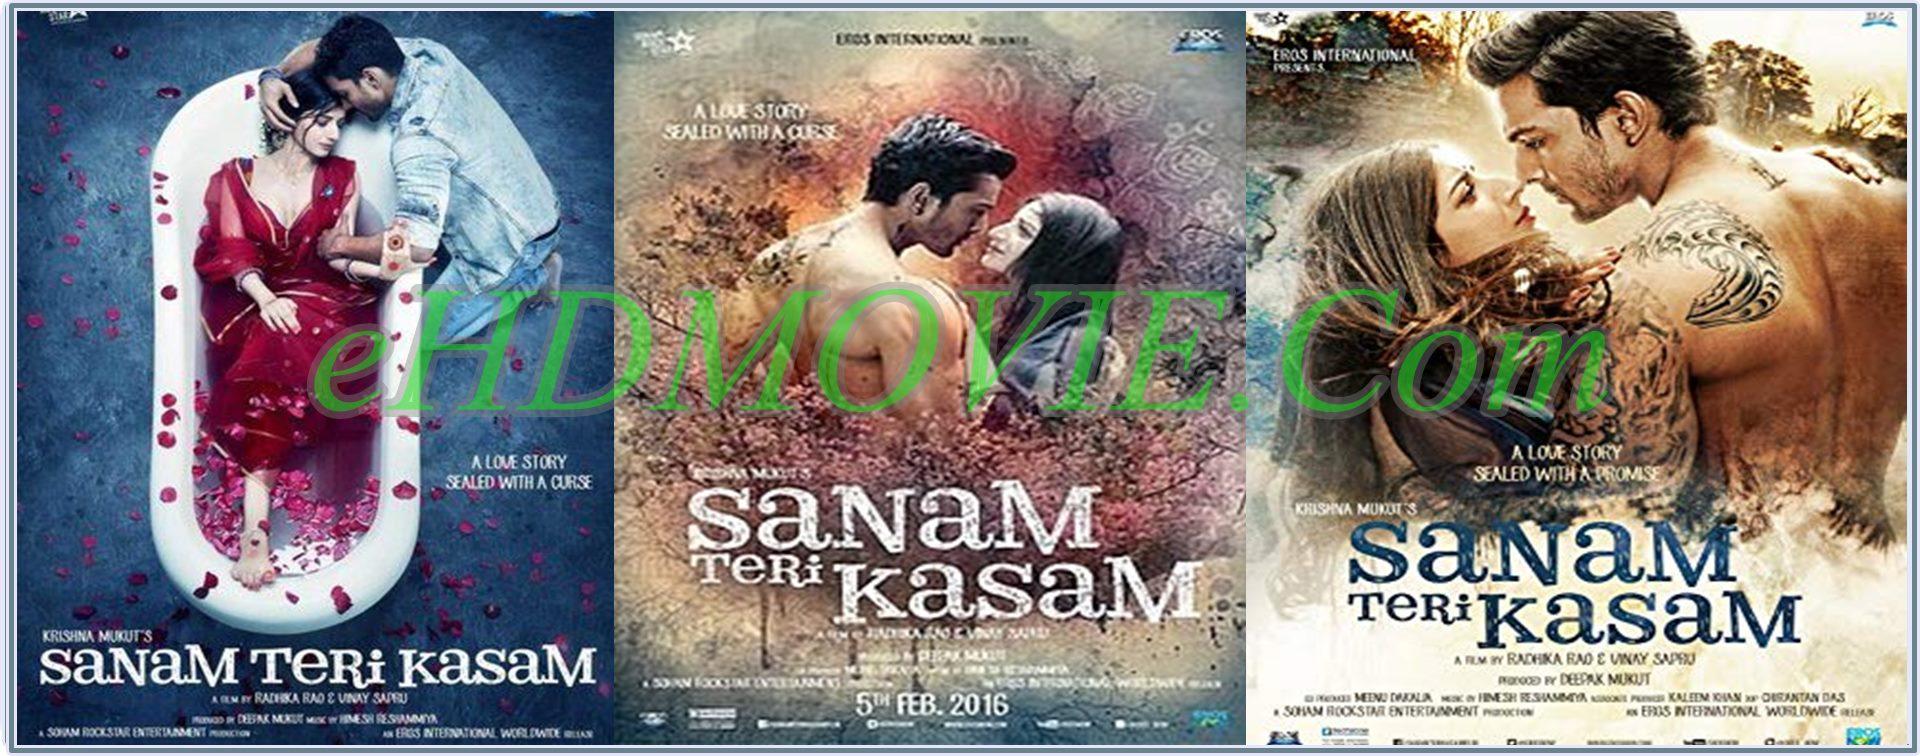 Sanam Teri Kasam 2016 Full Movie Hindi 720p - 480p ORG BRRip 350MB - 1.4GB ESubs Free Download